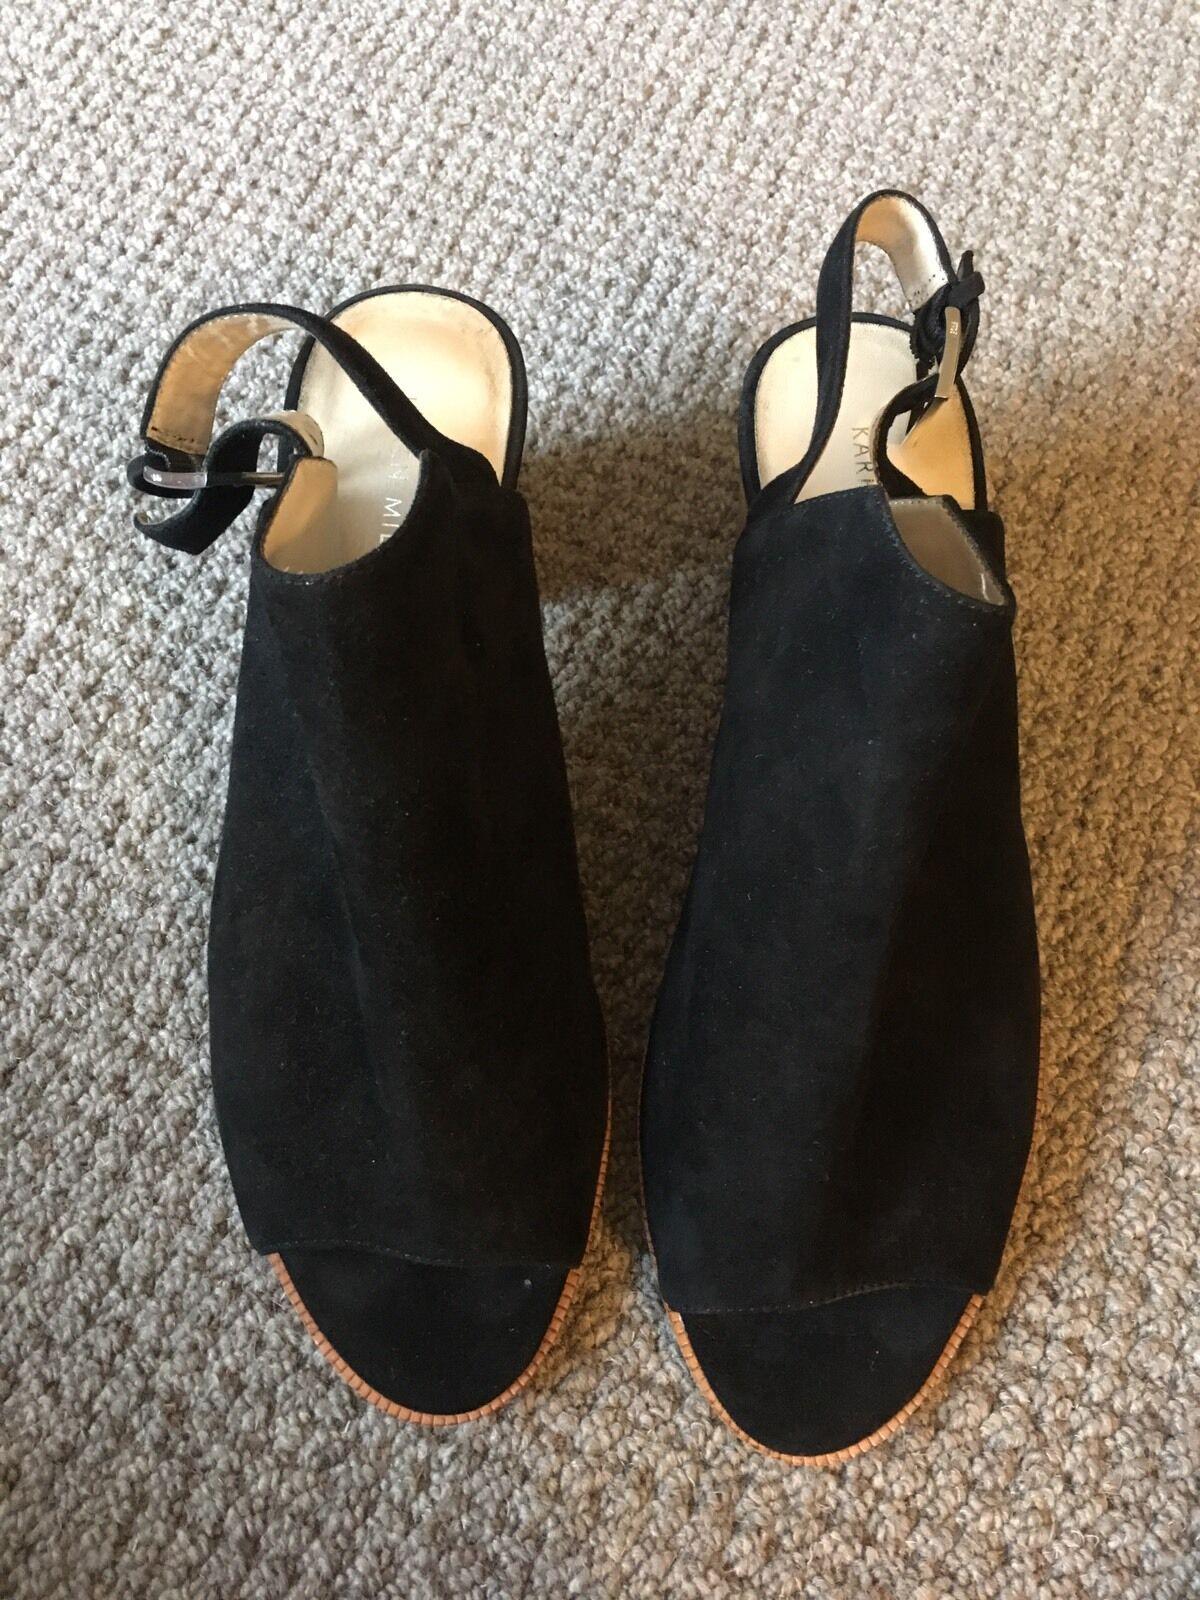 Karen Millen Black Heels EU39 UK6